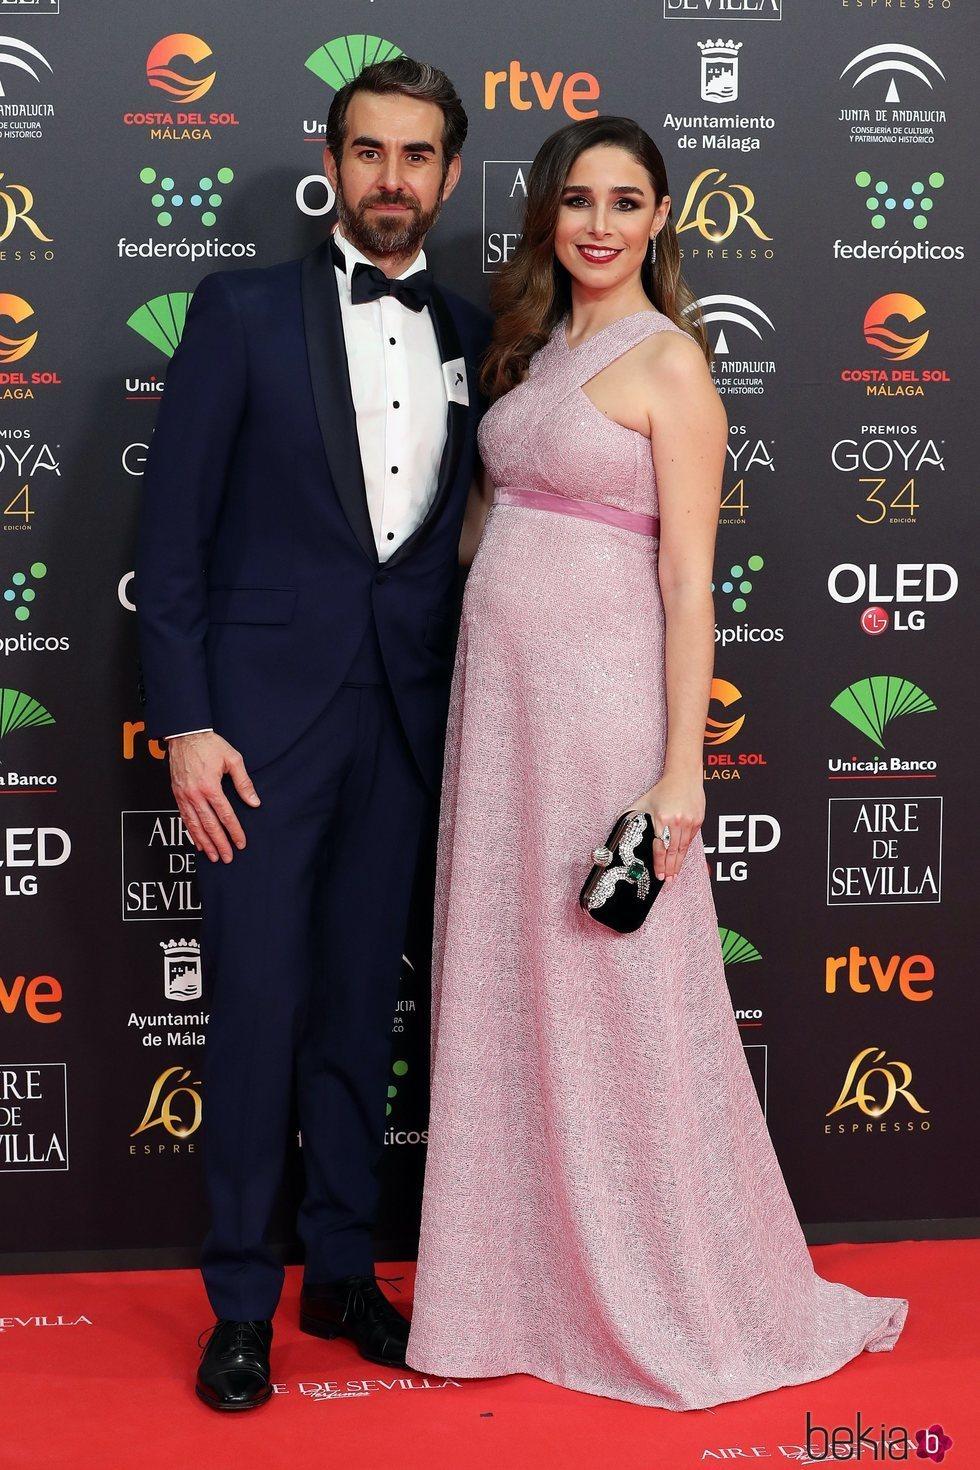 Daniel Muriel y Candela Serrat en la alfombra roja de los Goya 2020